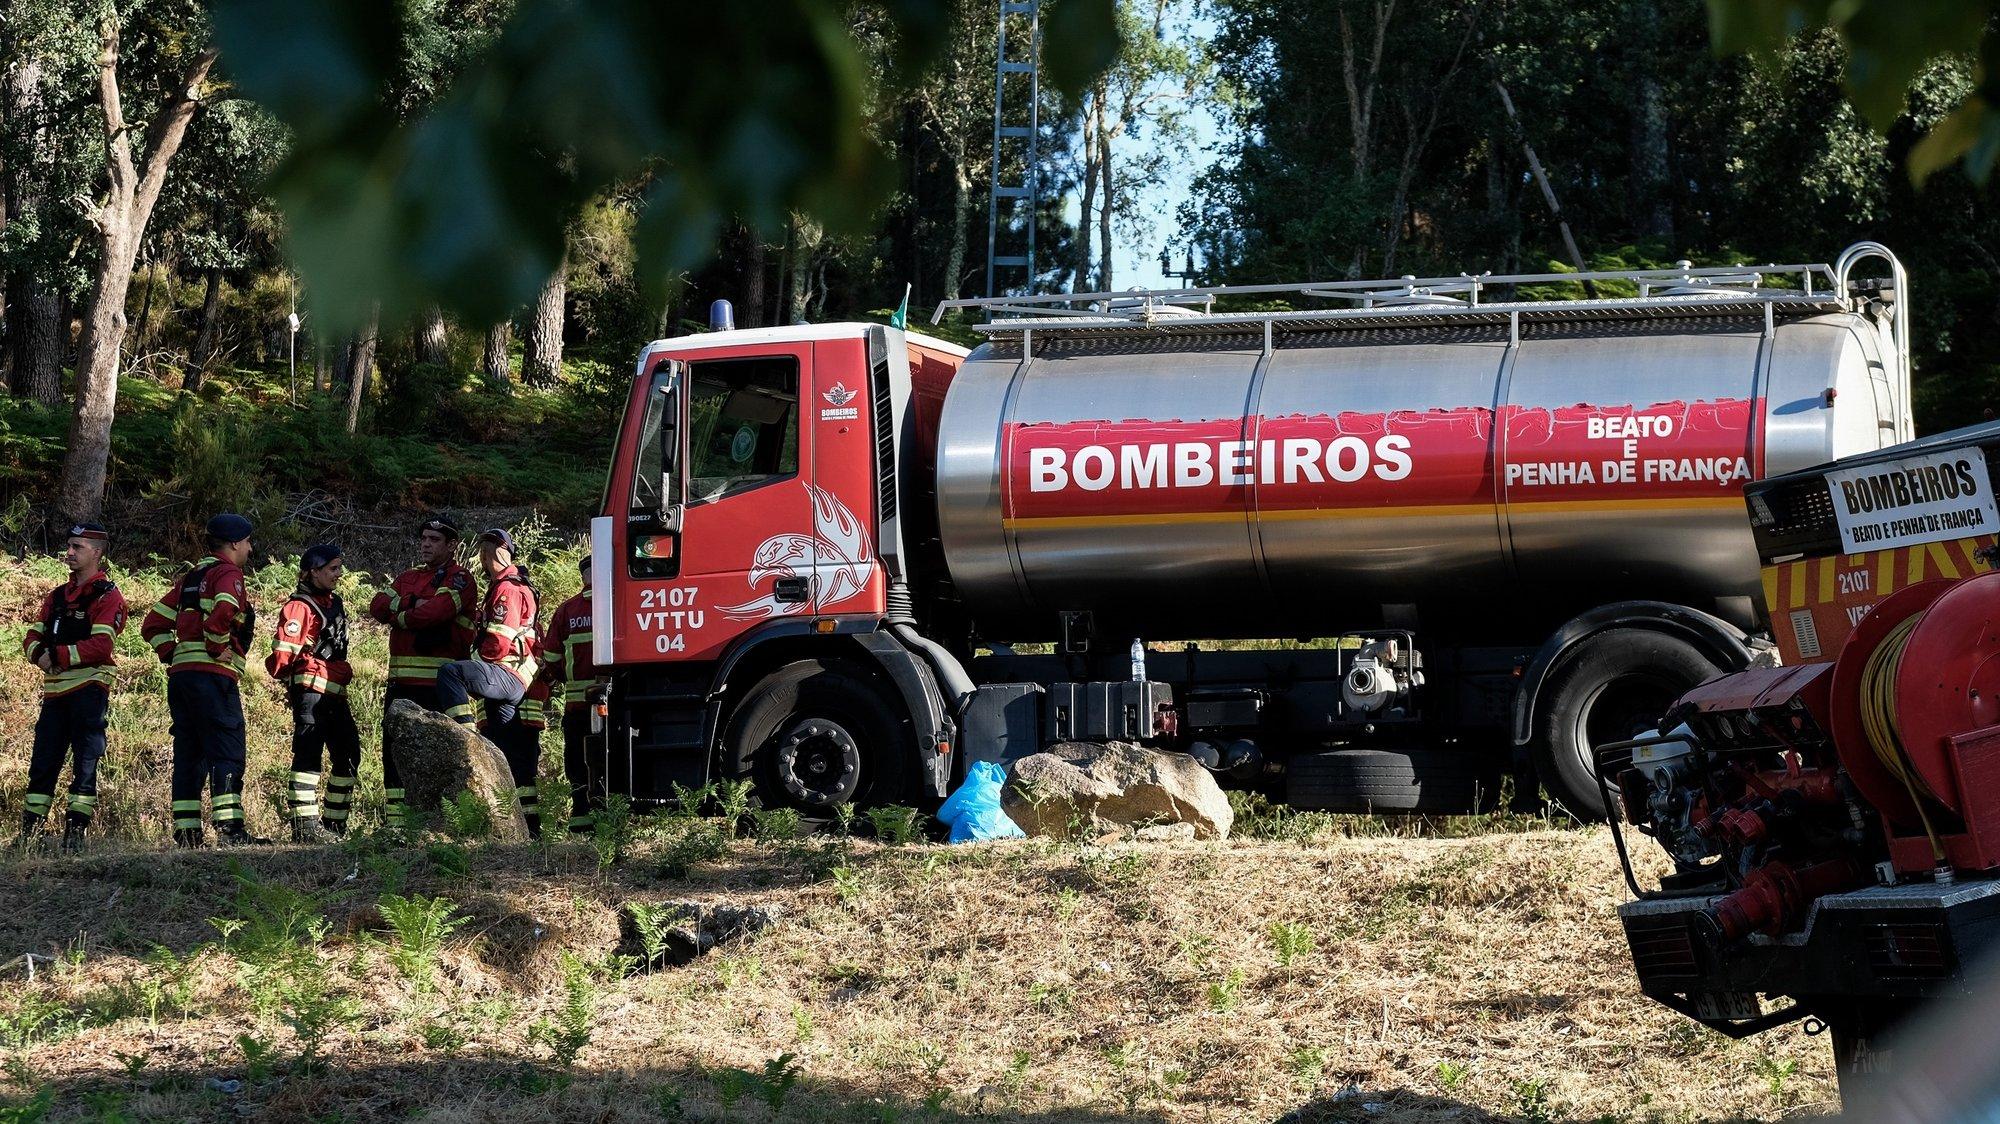 Bombeiros combatem um incêndio no Parque Nacional da Peneda-Gerês que deflagrou pelas 05:00, em Lindoso, Ponte da Barca, Viana do Castelo, 08 de agosto de 2020. Às 17:30 o incêndio estava a ser combatido por 121 operacionais, 35 viaturas e 7 meios aéreos. ARMÉNIO BELO/LUSA